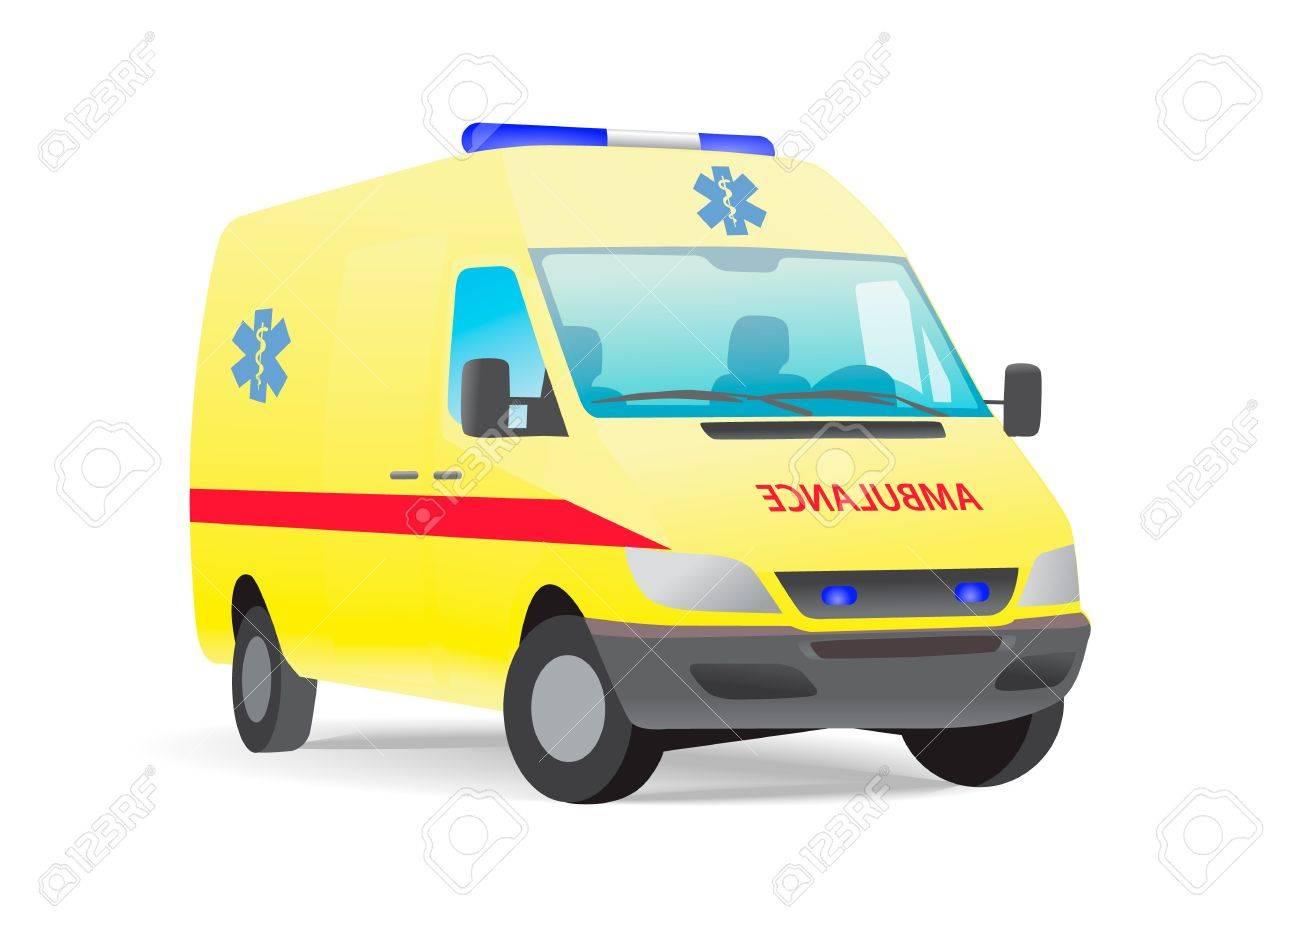 Yellow ambulance van with caduceus sign - 12363125